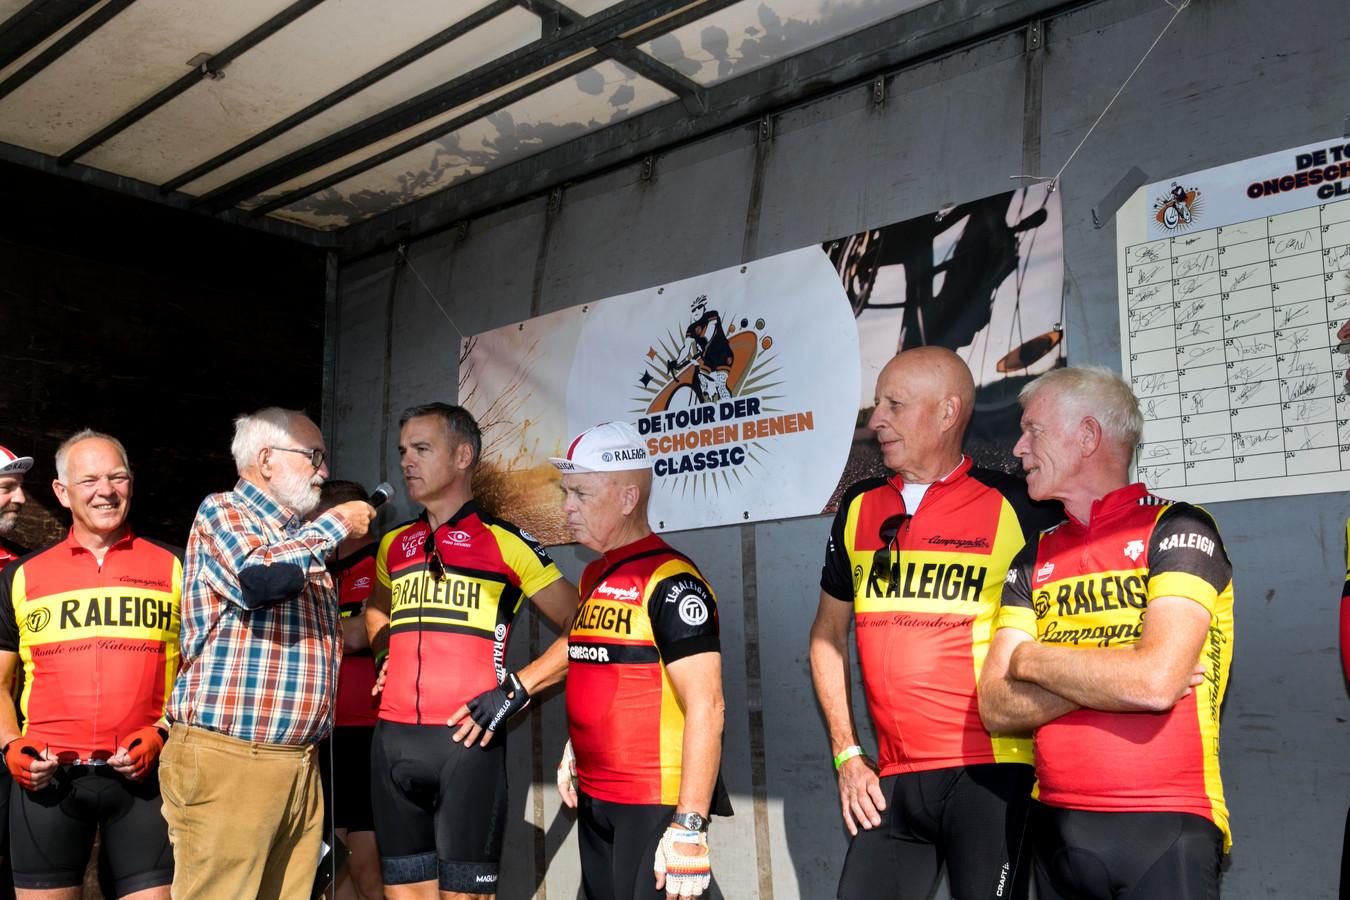 De tour der ongeschoren benen in Lierop met Peter Winnen (R)